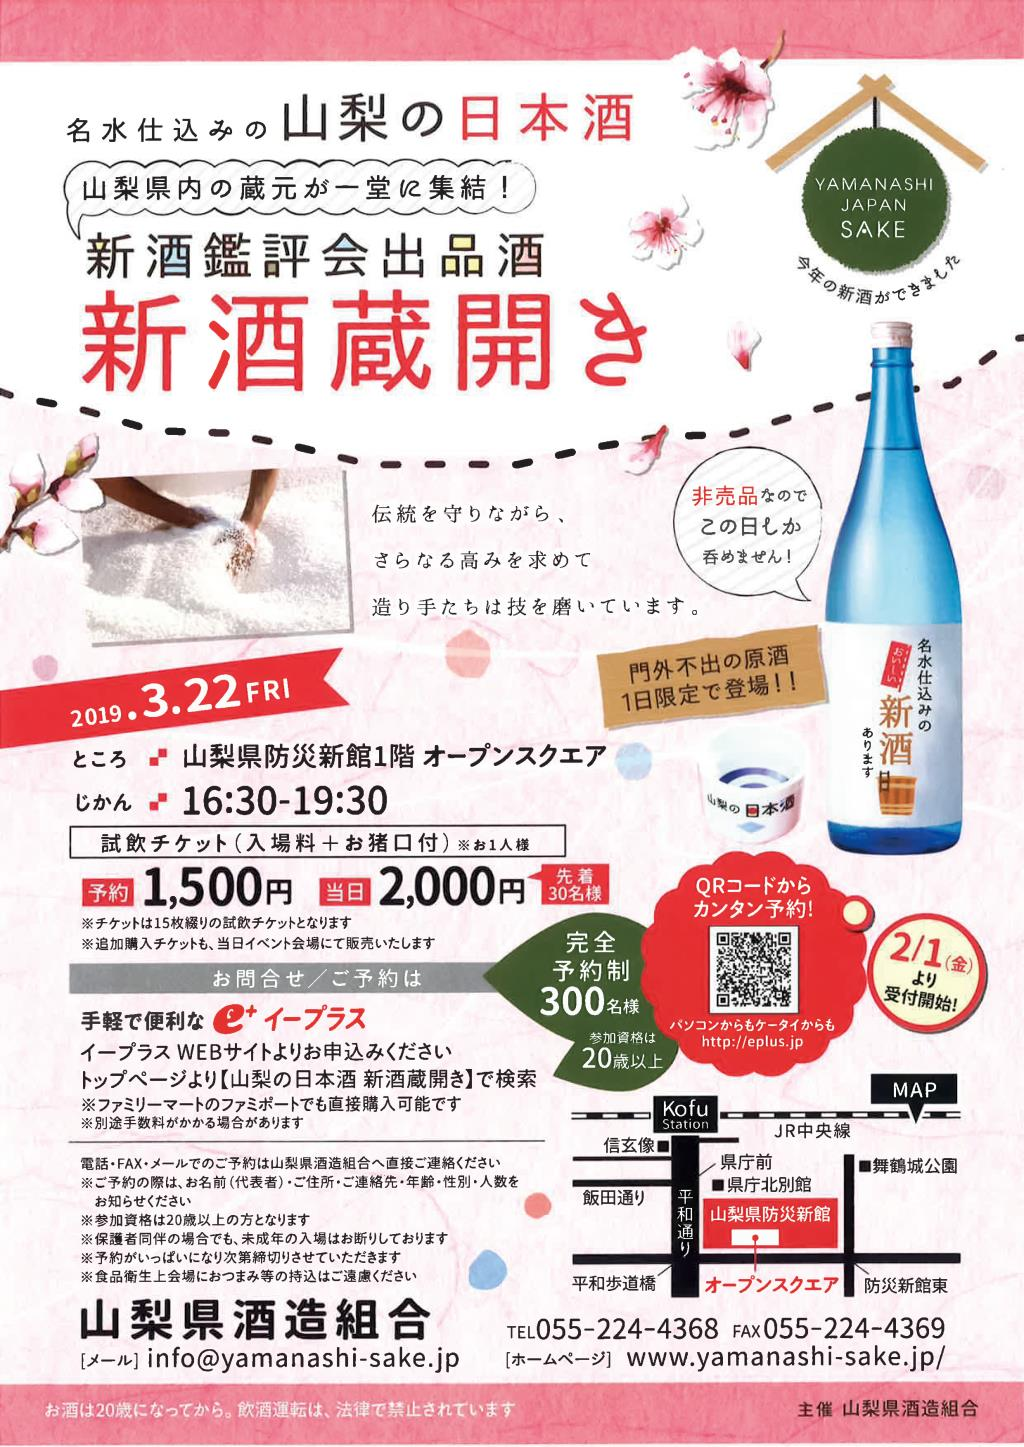 山梨の日本酒 新酒蔵開き